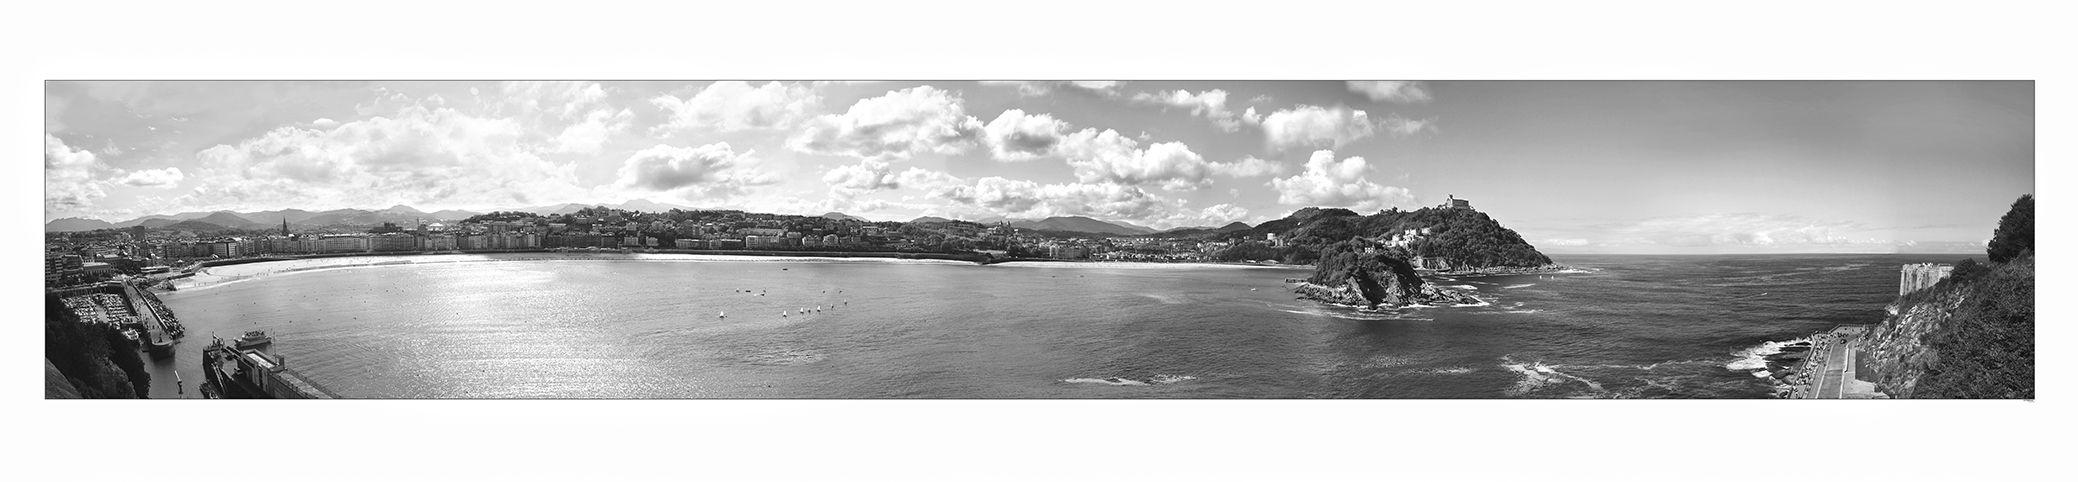 panoramica bahia concha